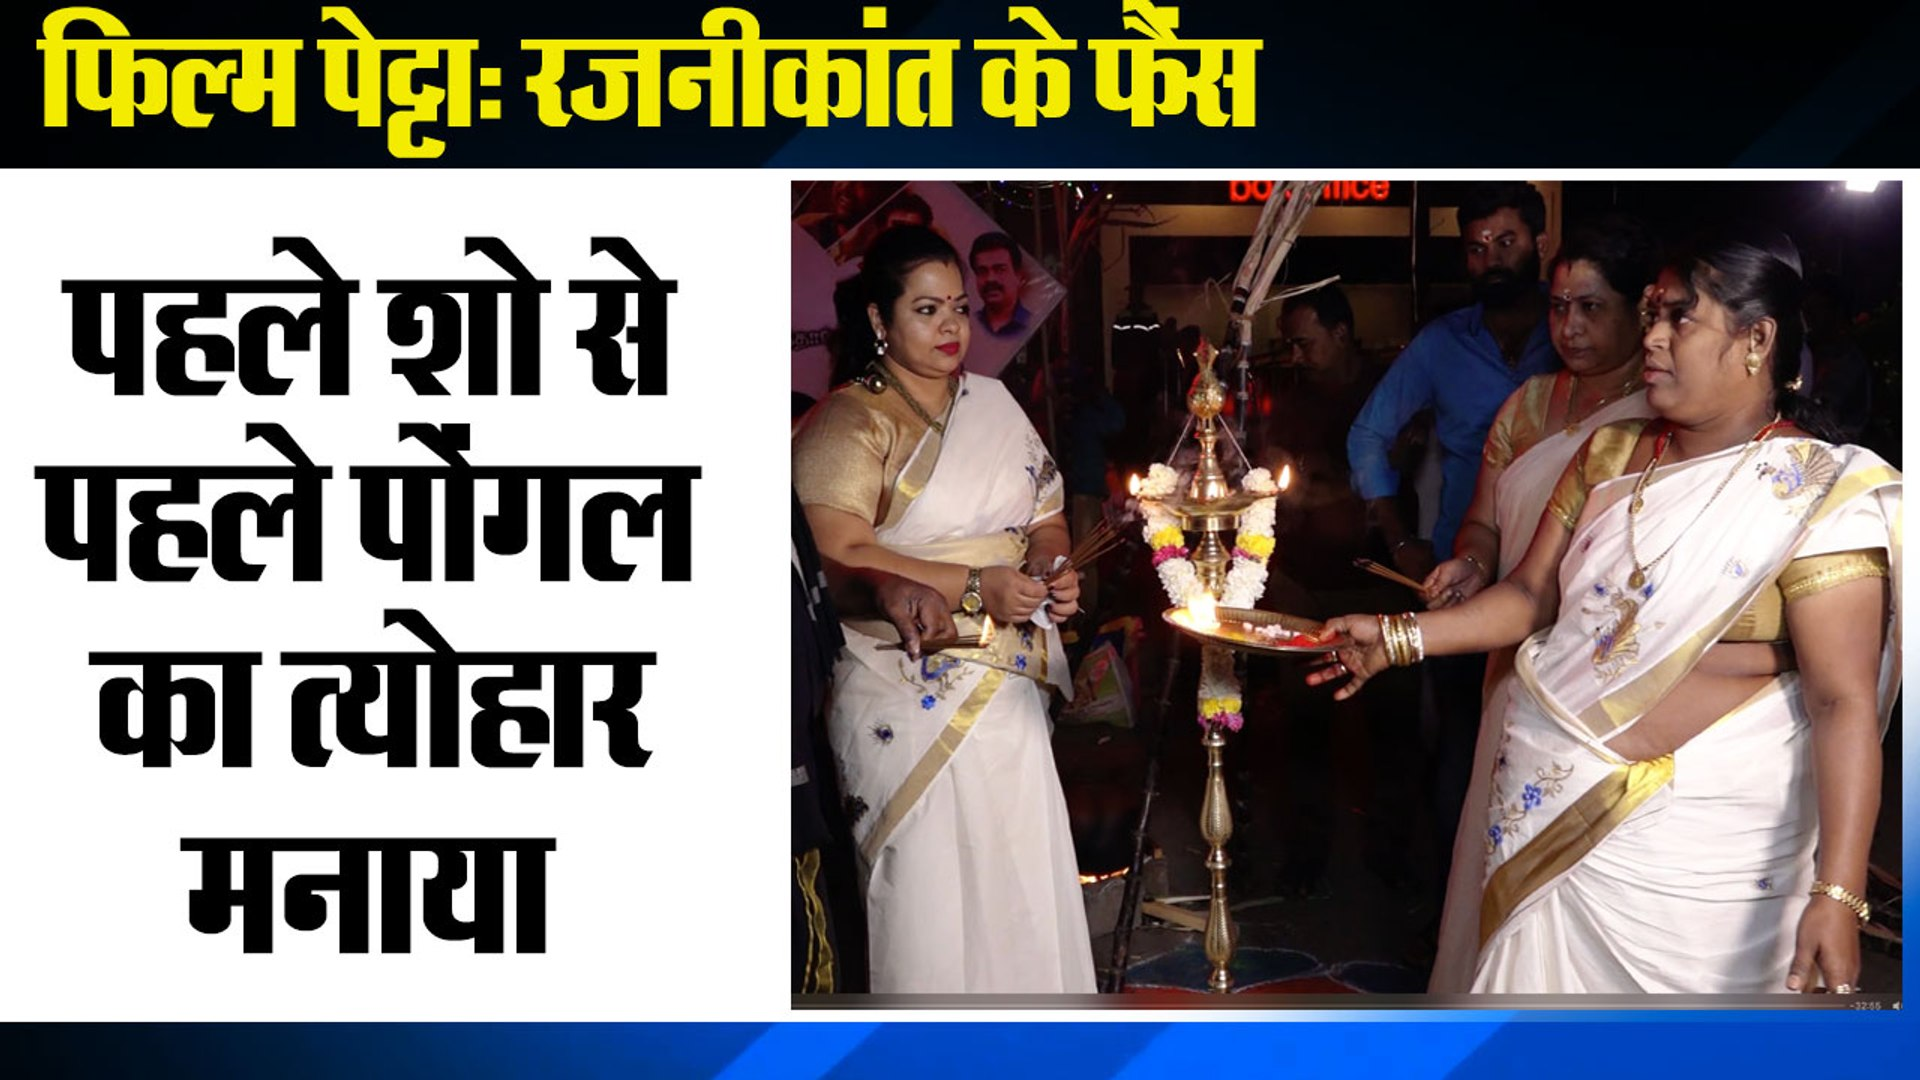 Rajinikanth Fan Gets Crazy Outside Theatre, फिल्म पेट्टा- रजनीकांत के फैंस ने पहले शो से पहले पोंगल